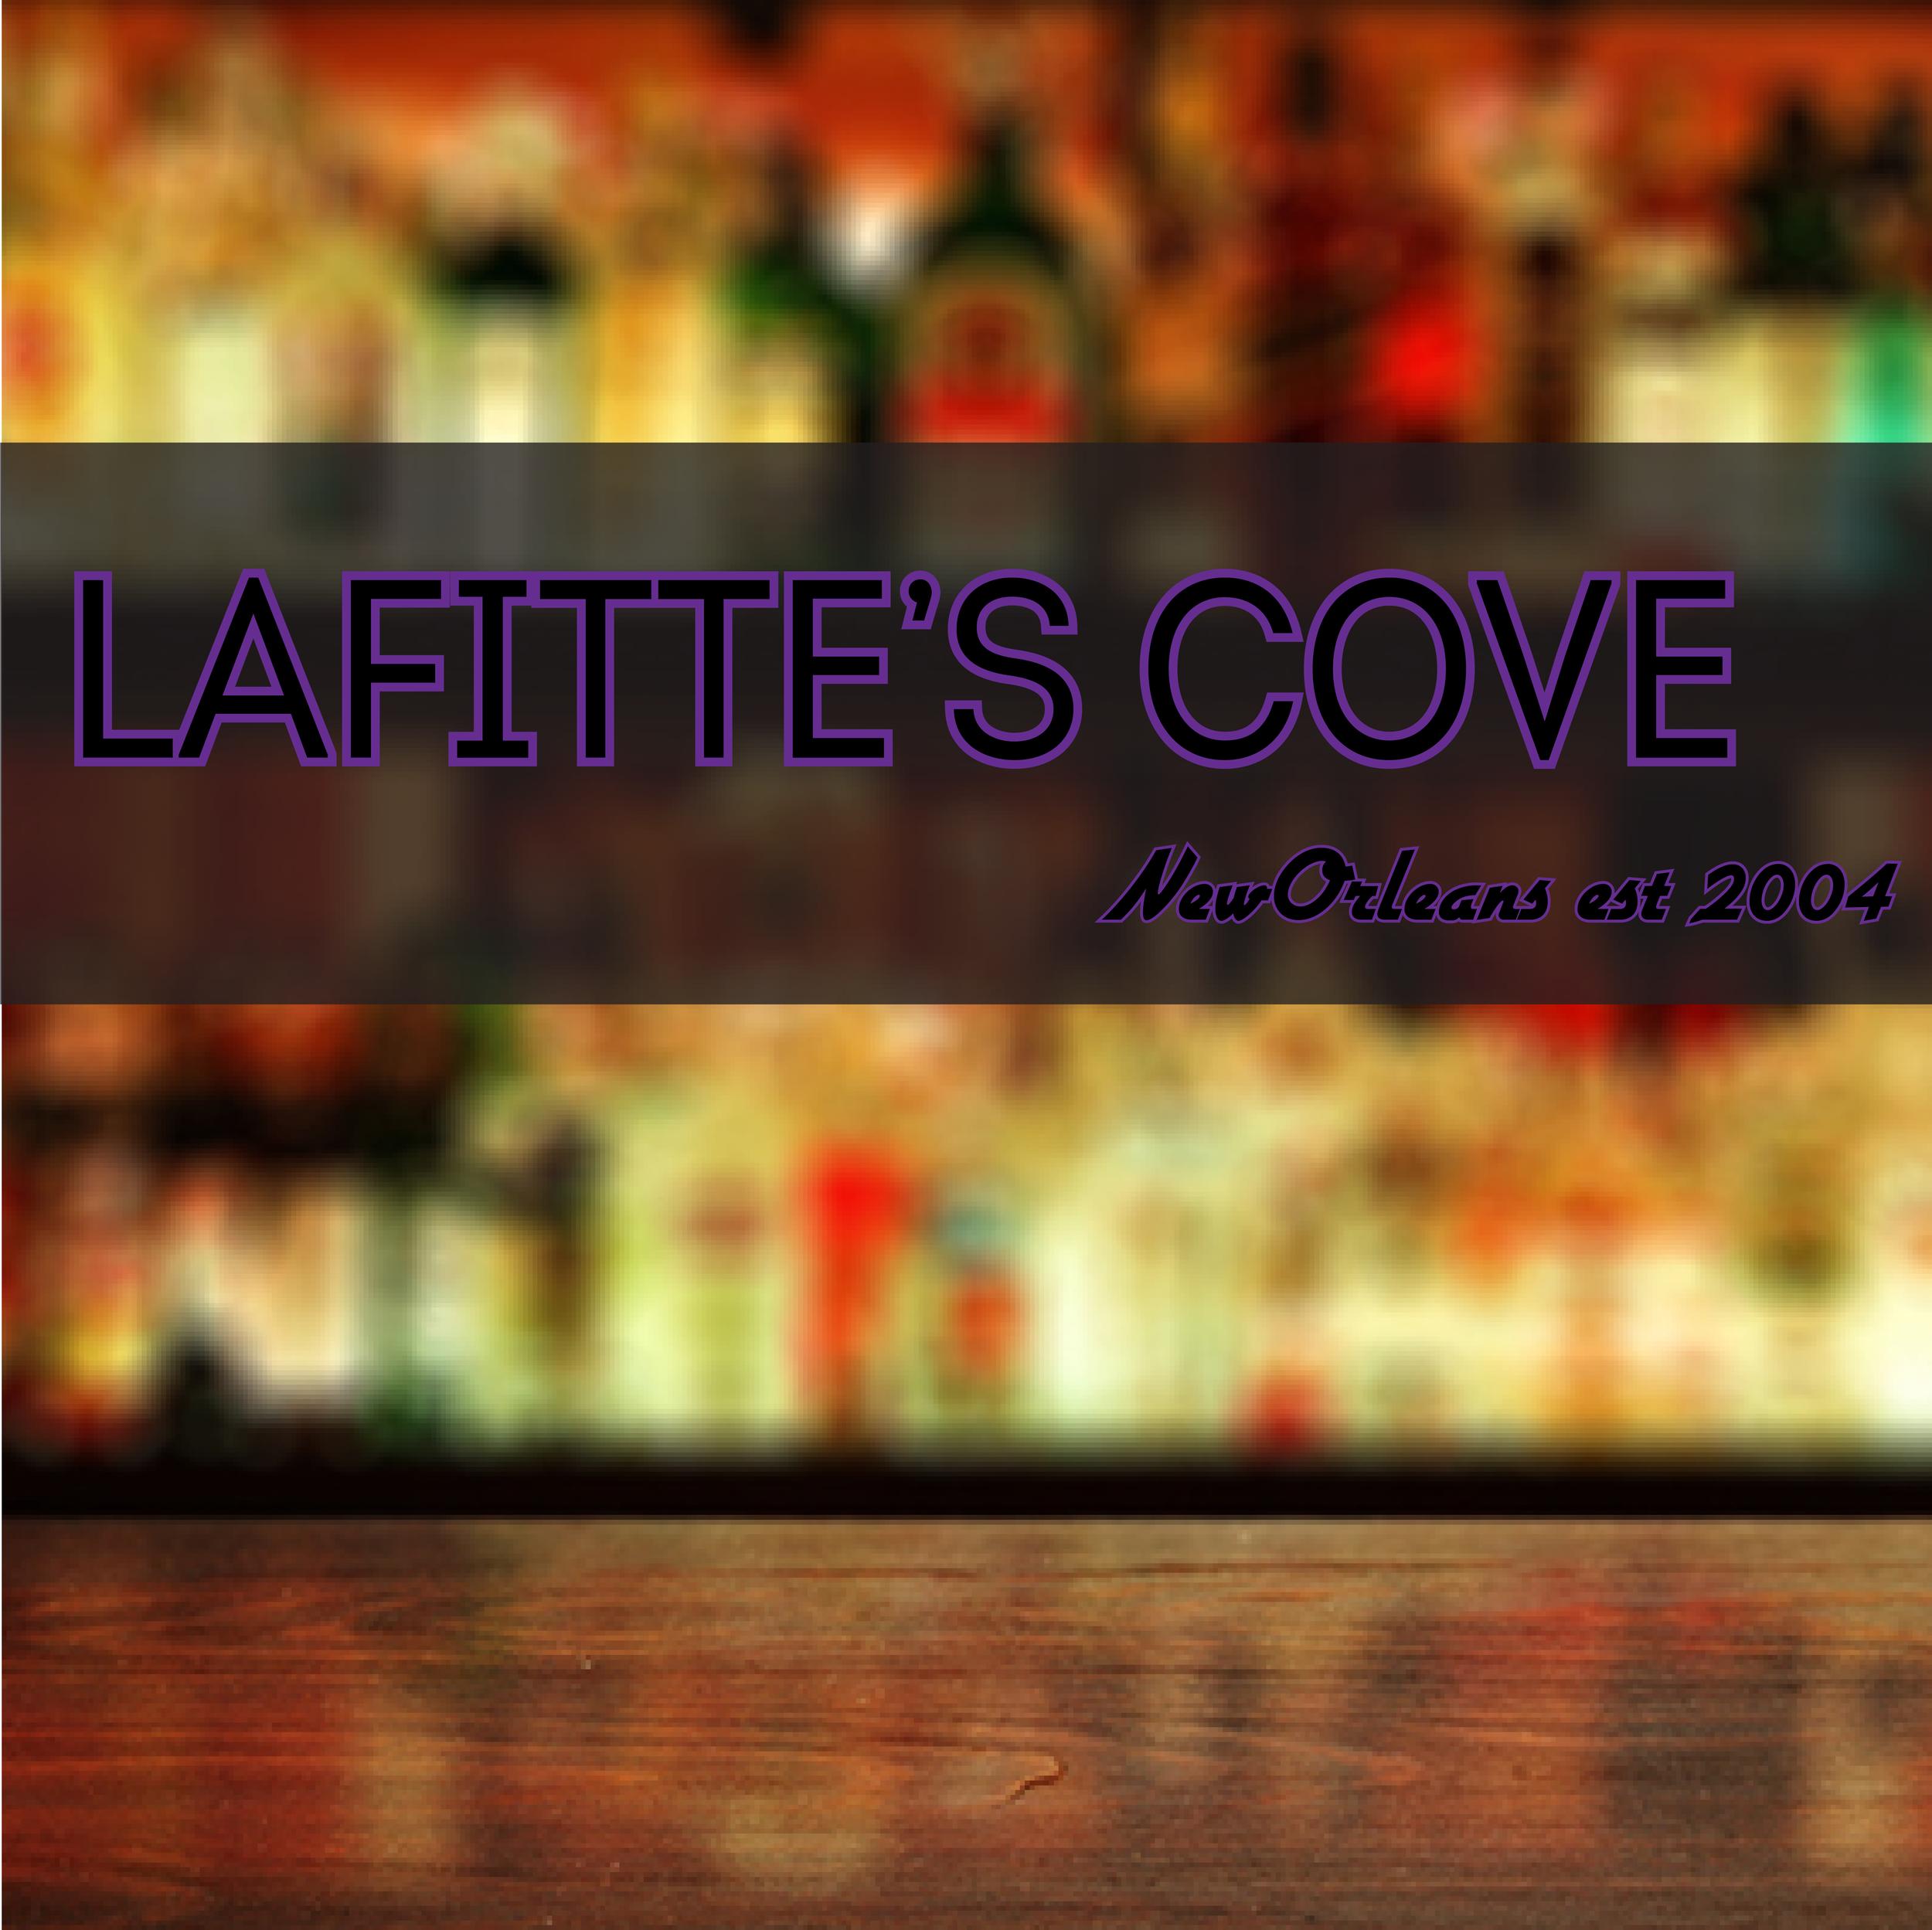 LafittesCoveSquare.png